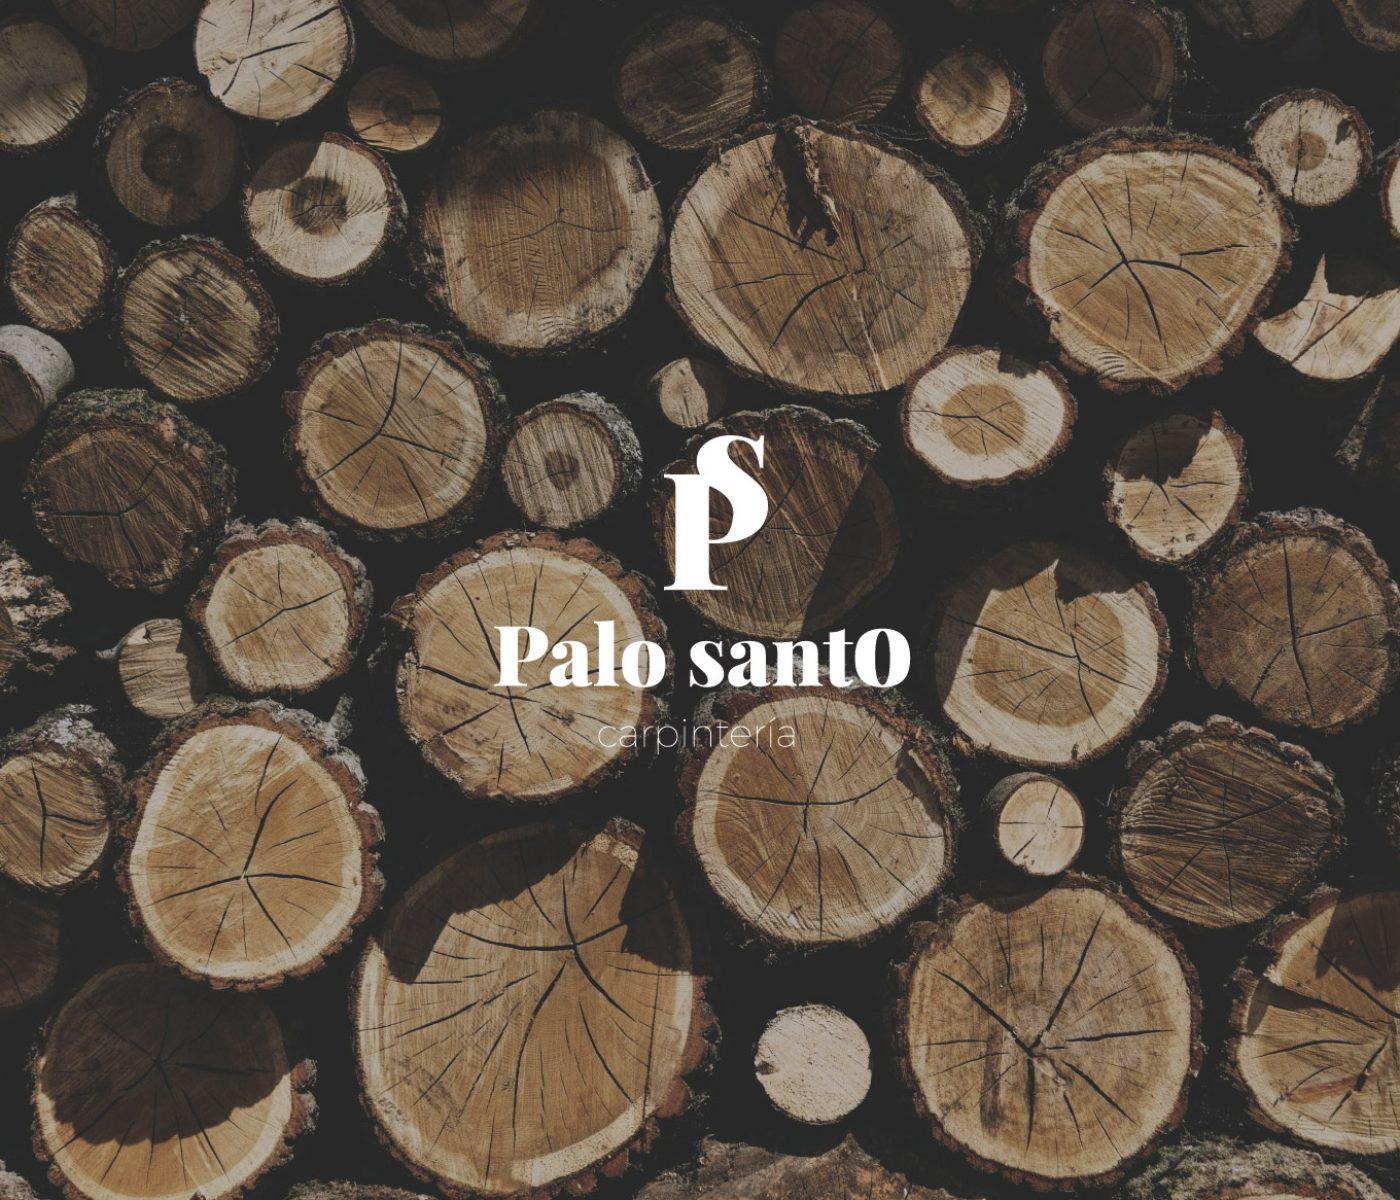 Palo Santo carpintería